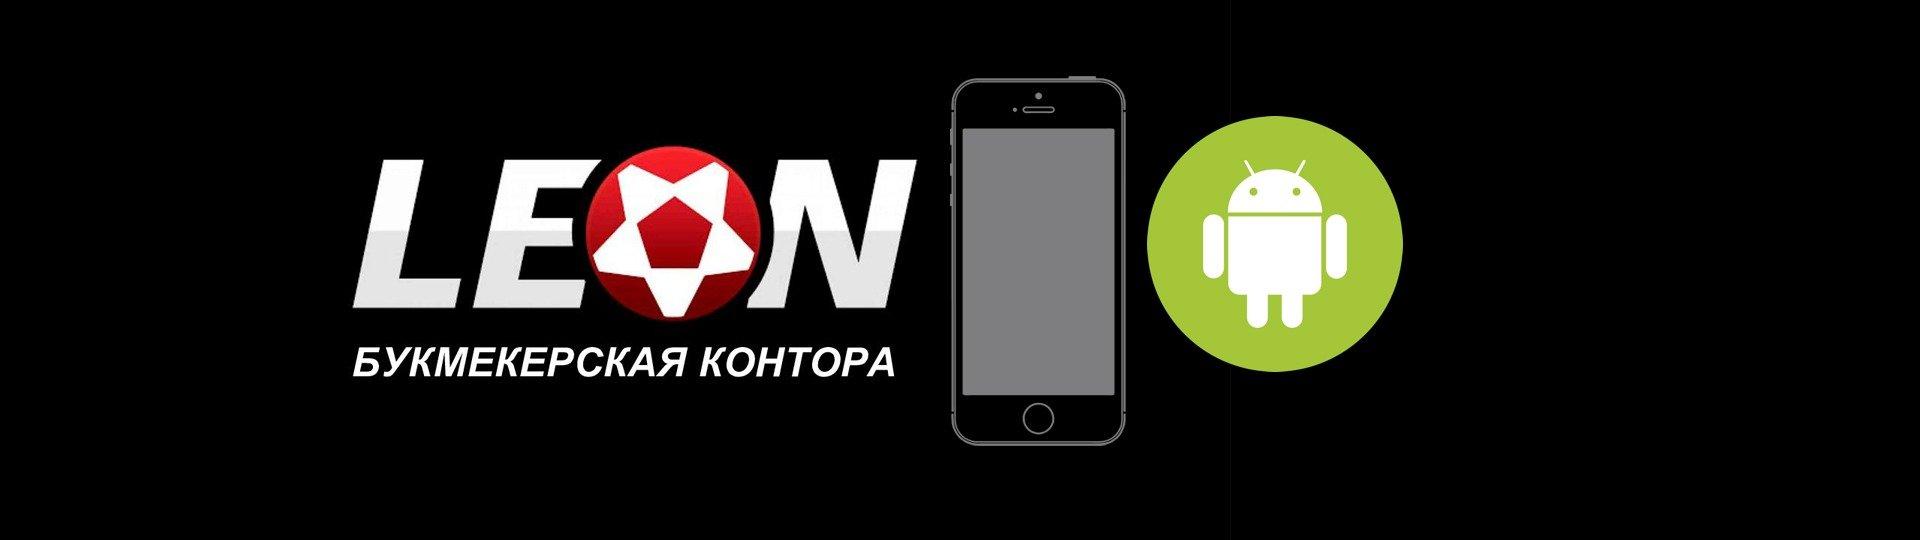 Prilozhenie BK Leon na telefon Android